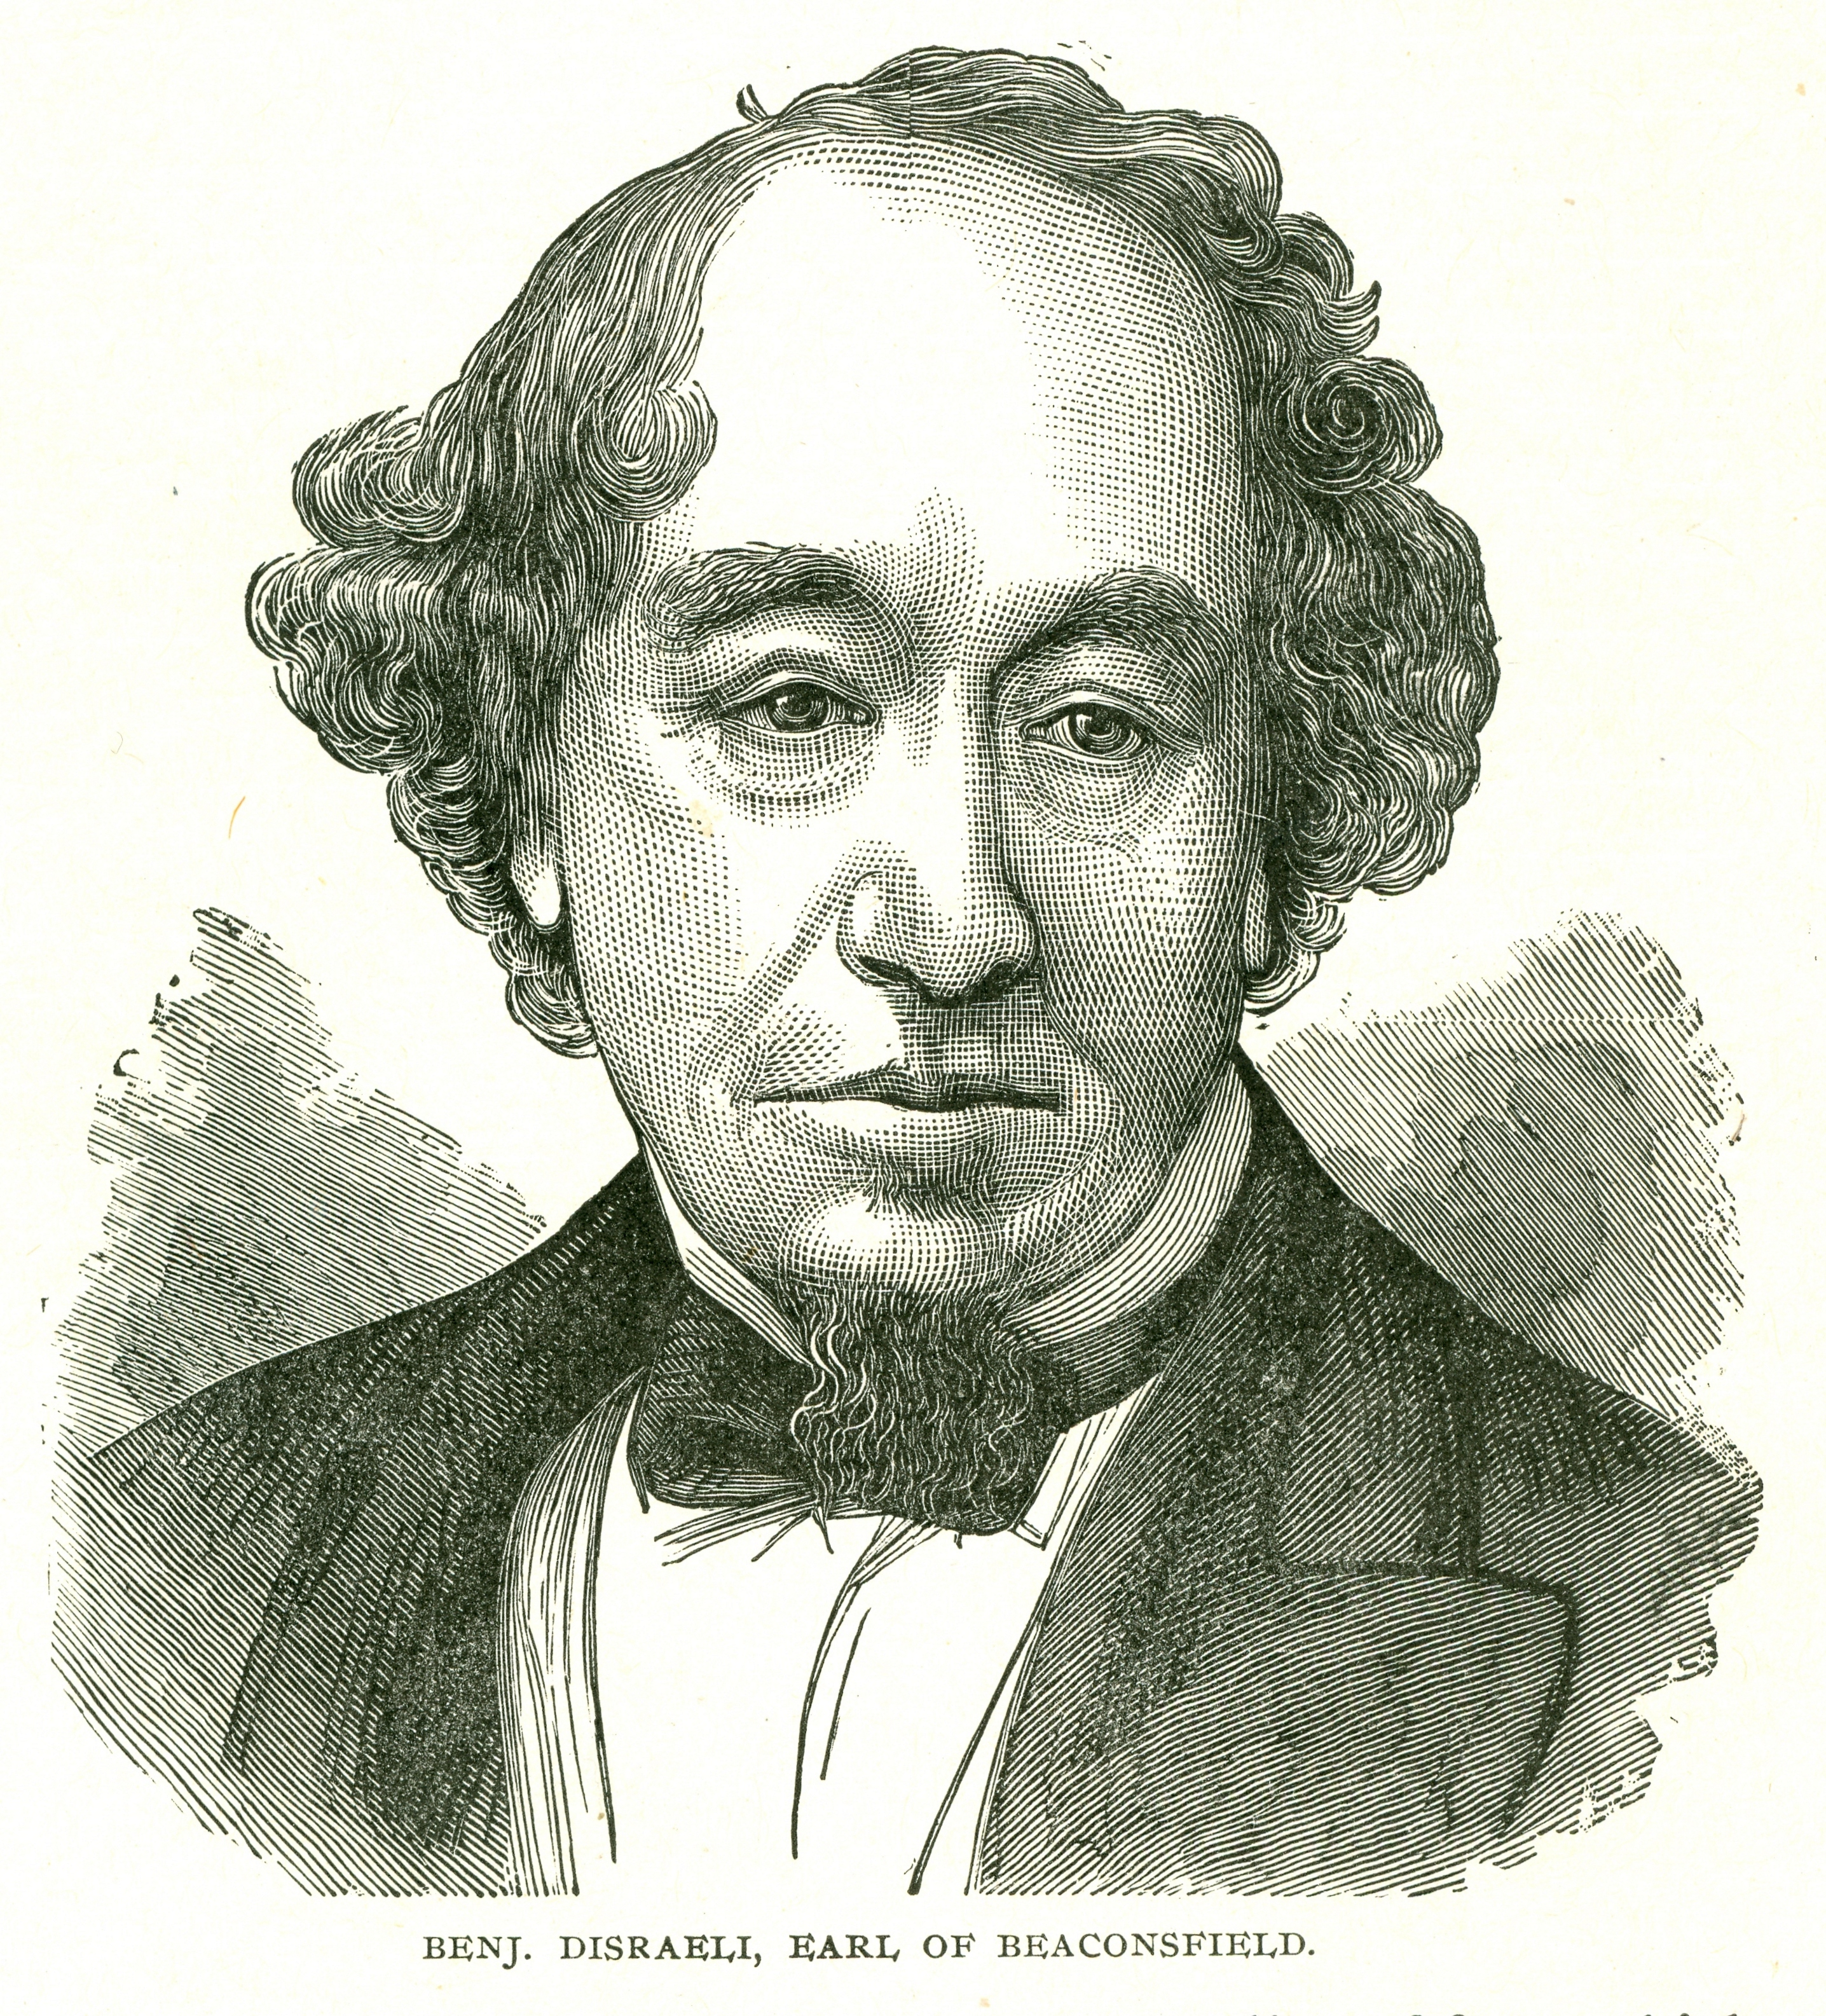 Poet Benjamin Disraeli